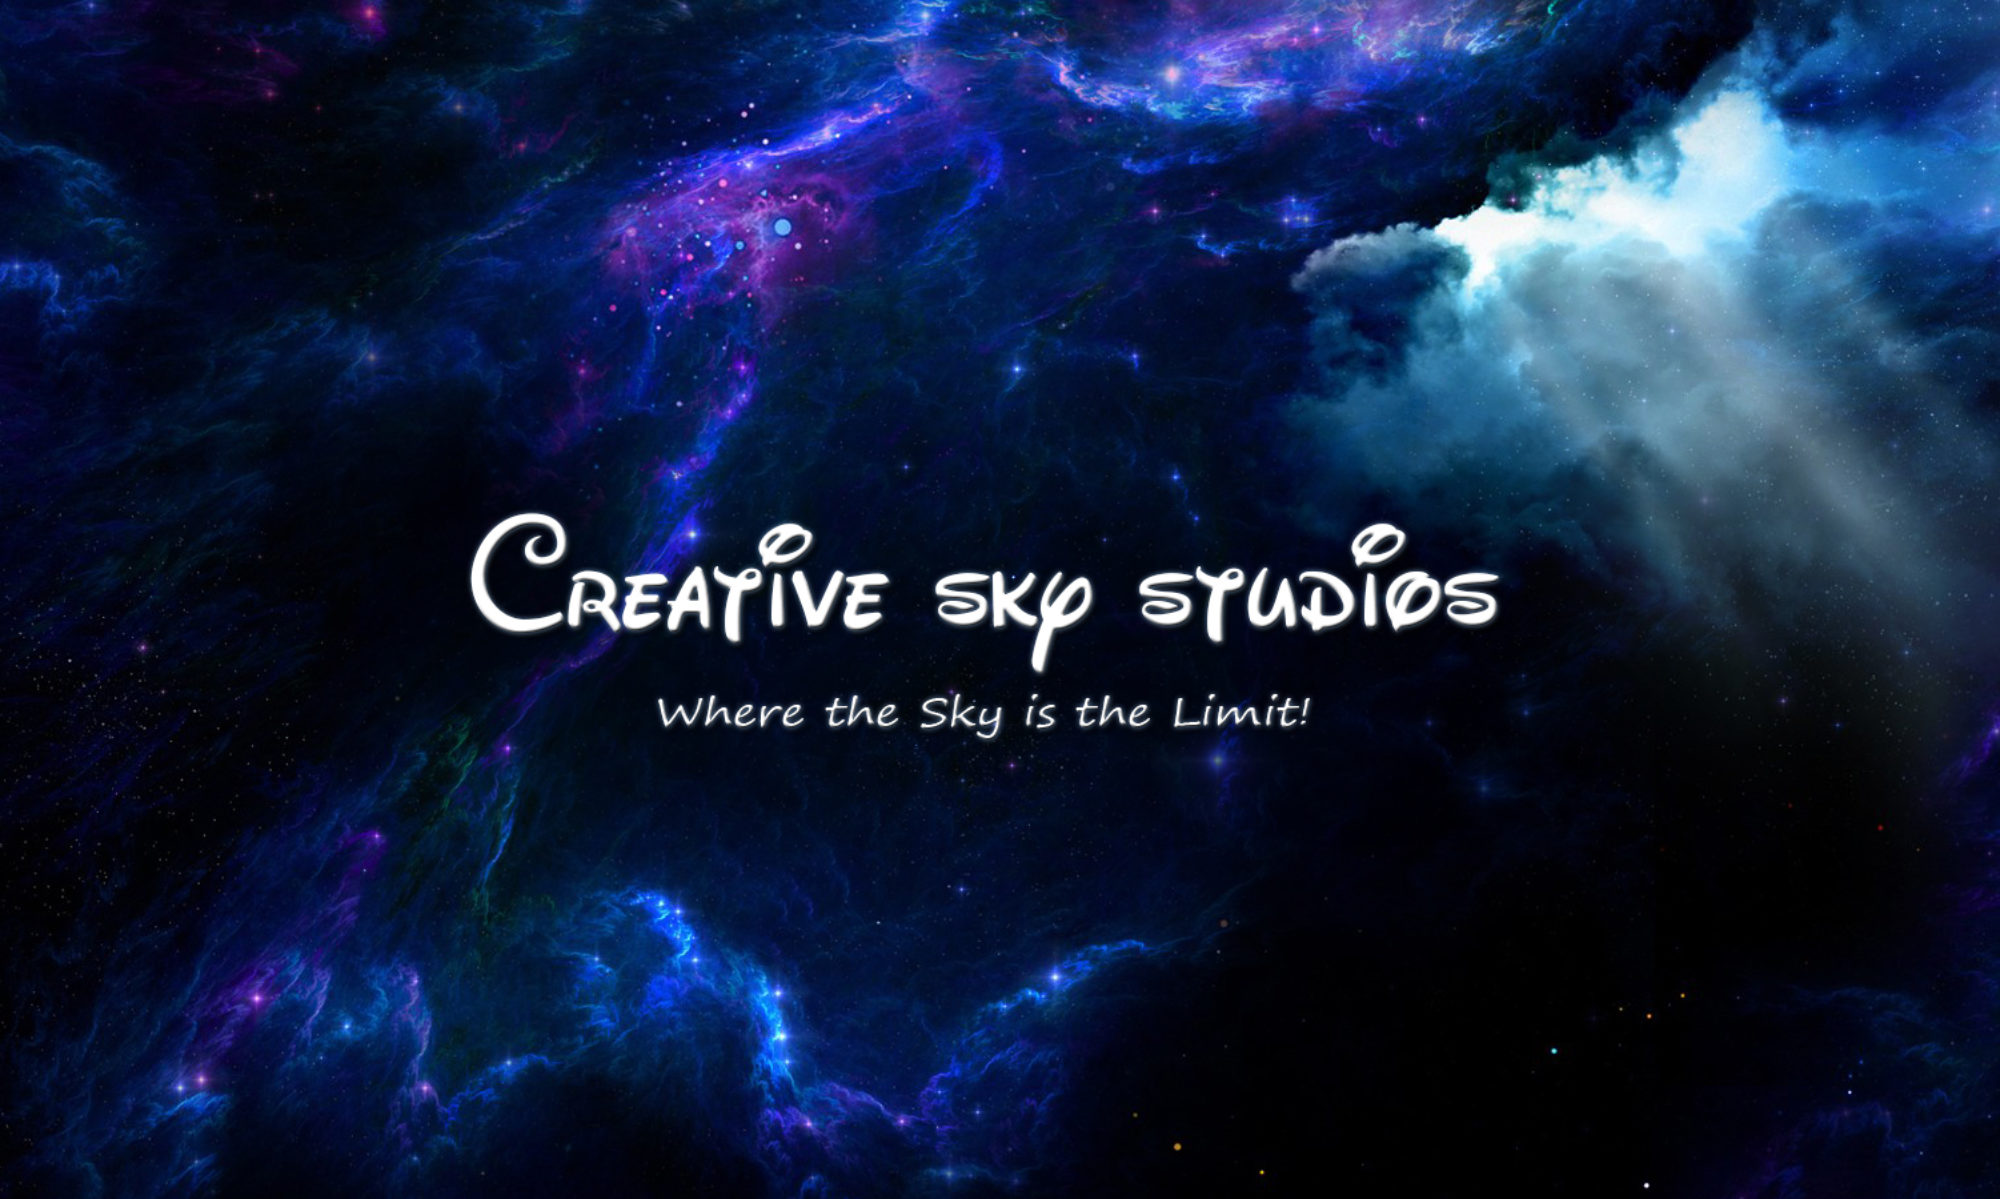 Creative Sky Studios